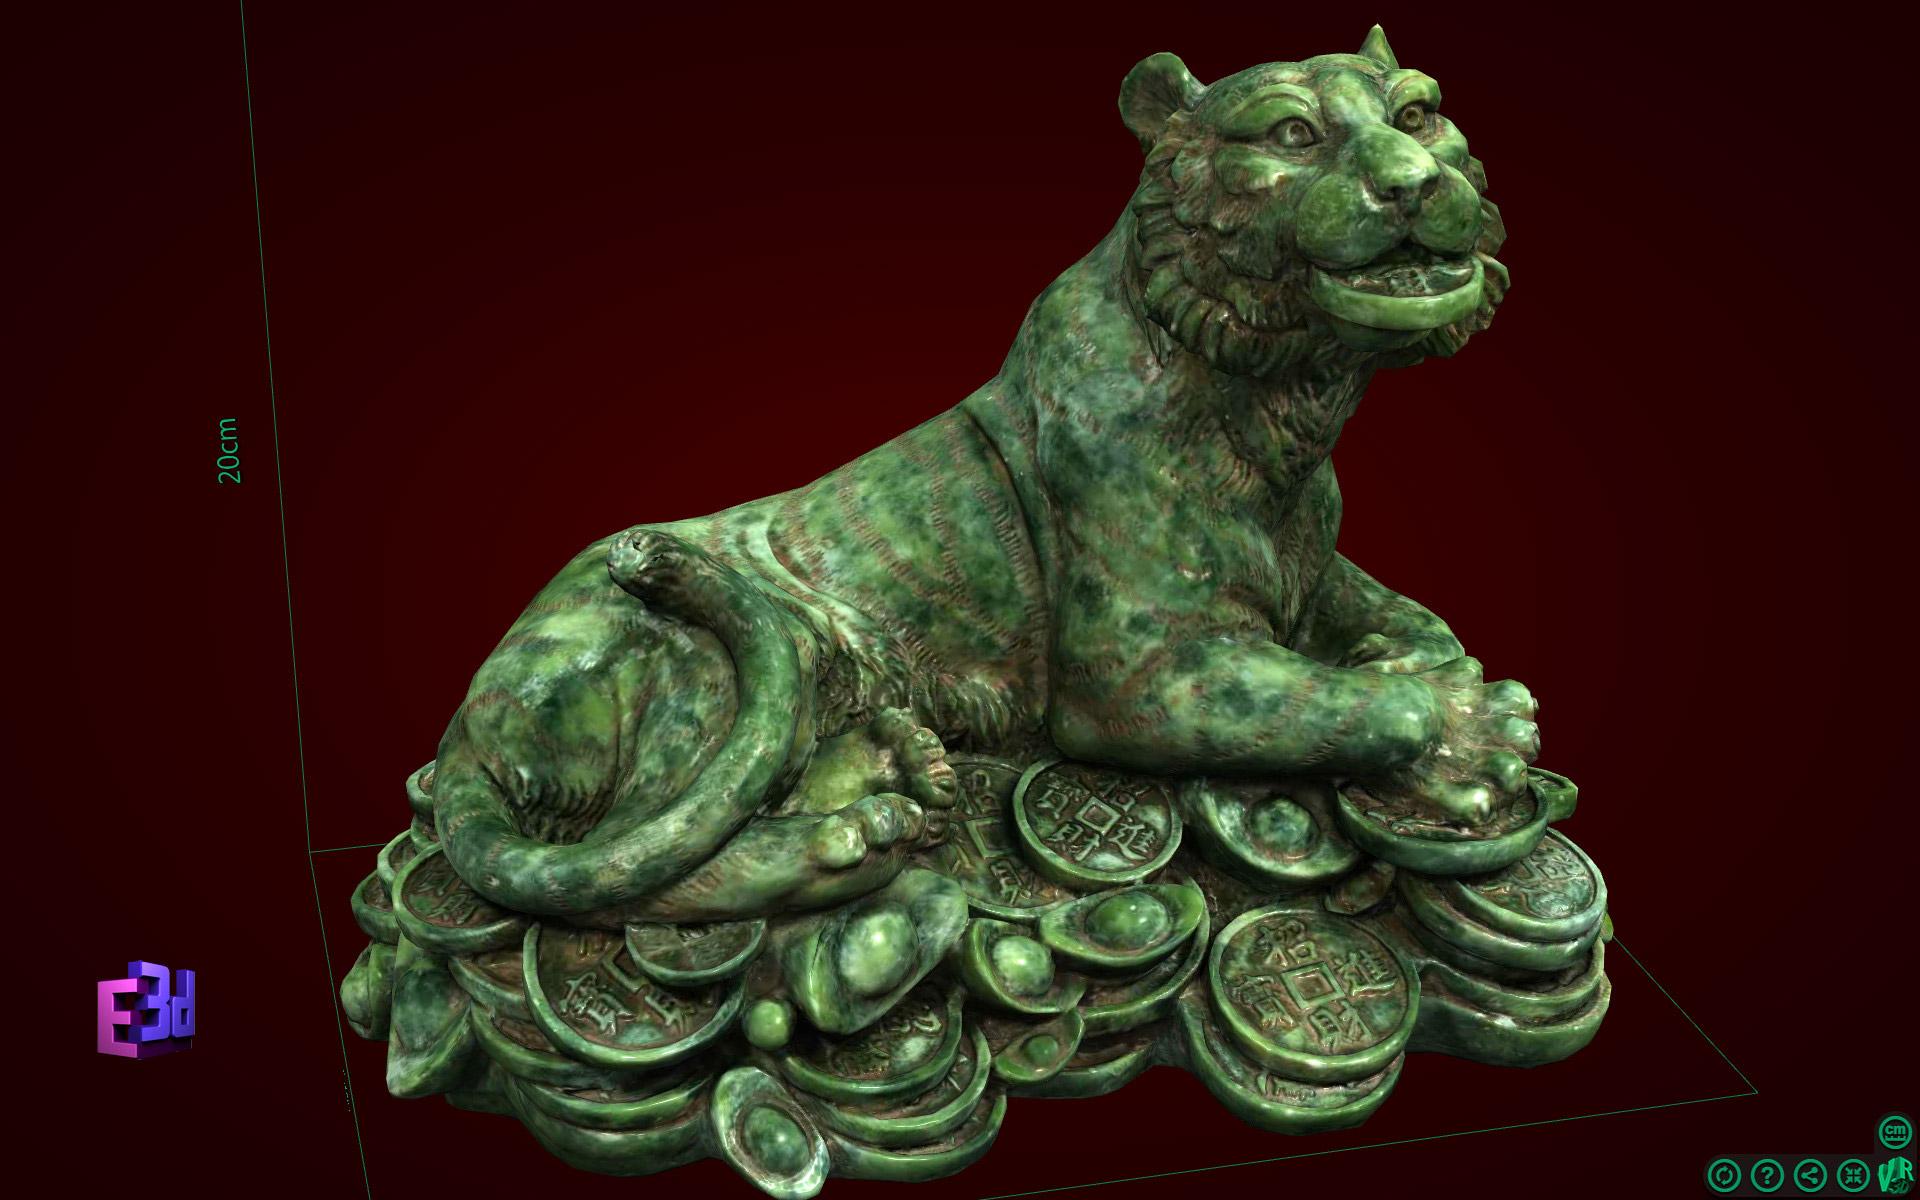 Tượng Hổ nằm trên đống tiền